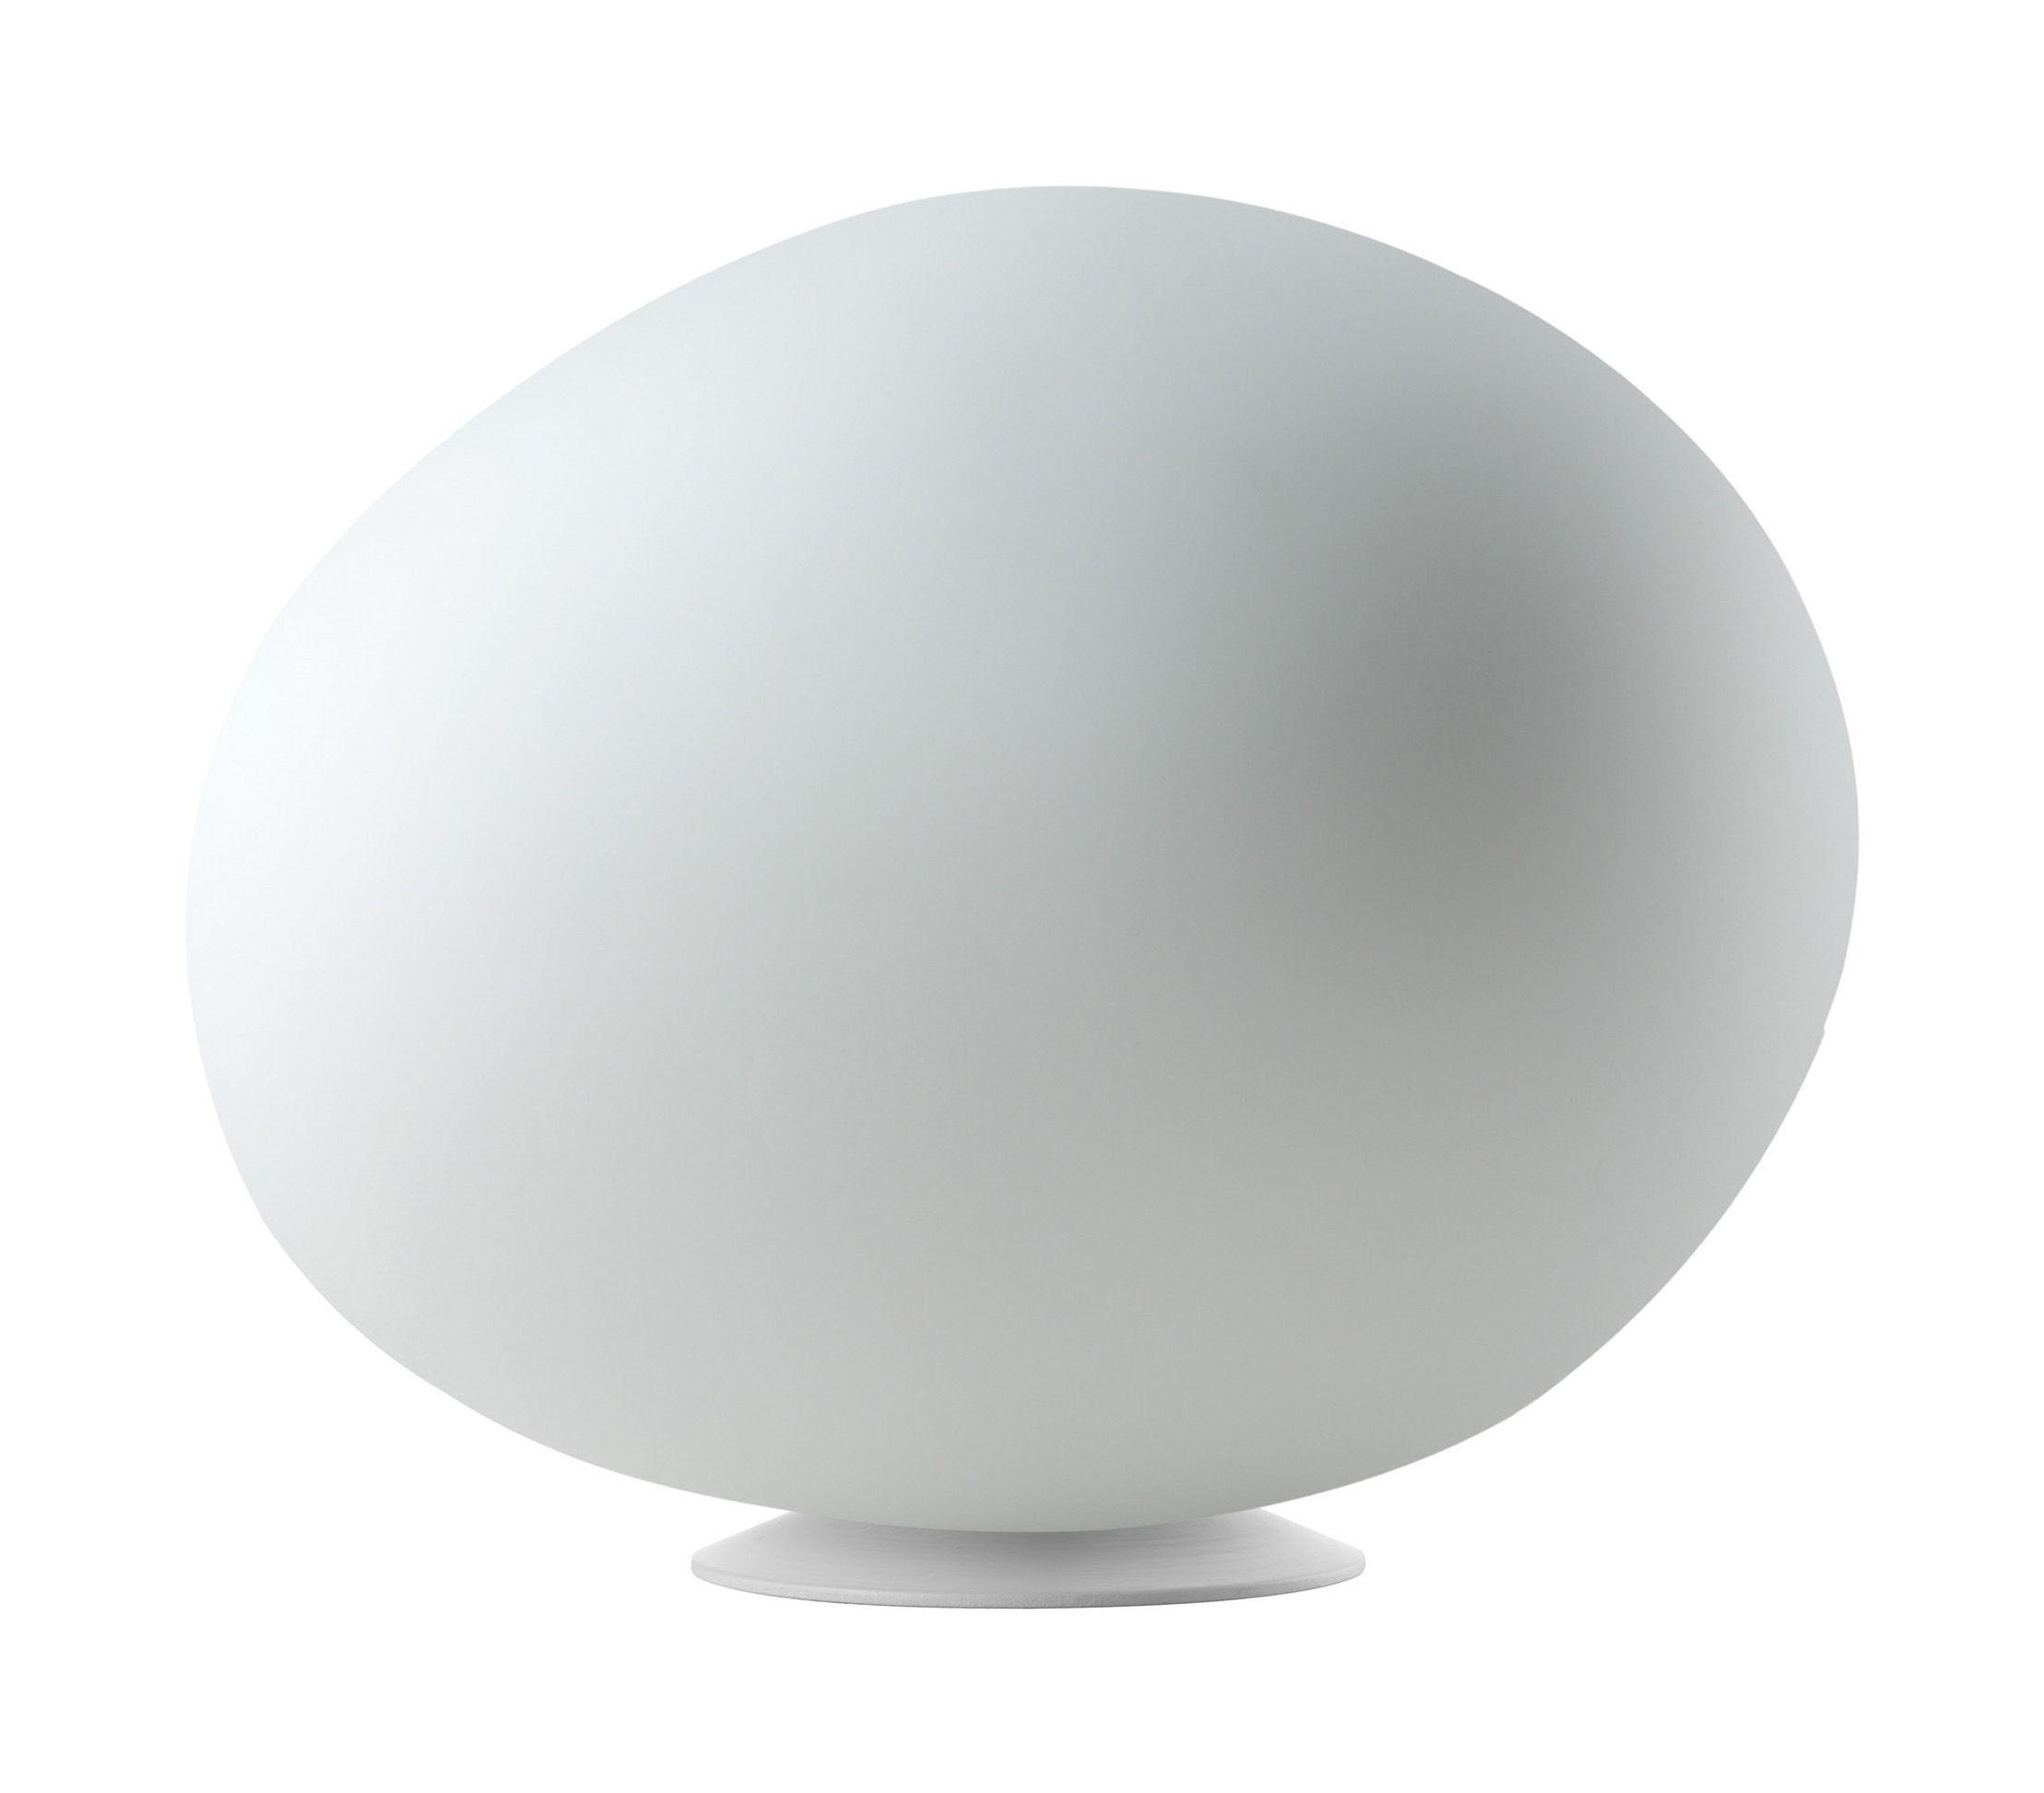 Leuchten - Tischleuchten - Poly Gregg Piccola Tischleuchte Small - L 31 cm - Foscarini - Weiß - lackierter Stahl, Polyäthylen